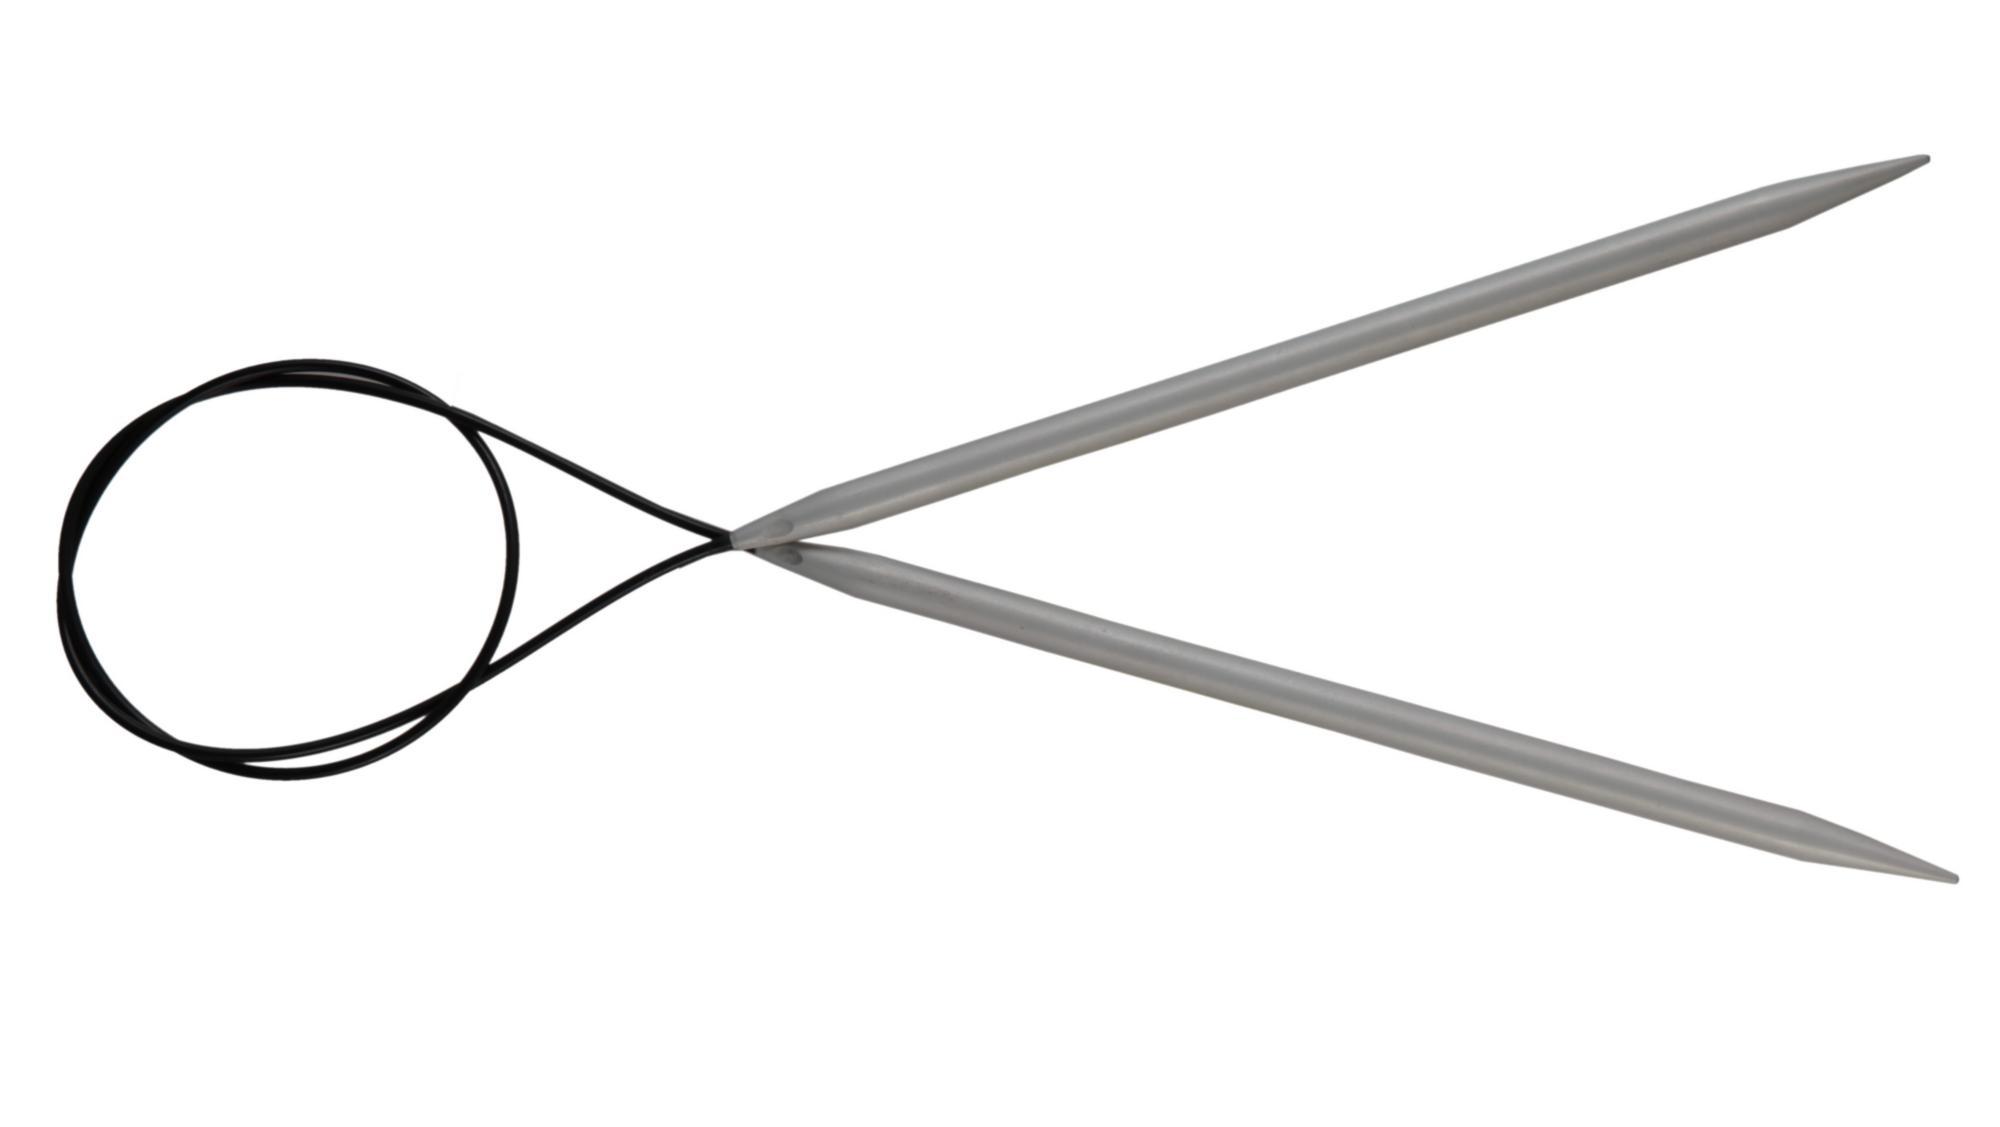 Спицы круговые 150 см Basix Aluminium KnitPro, 45362, 2.50 мм